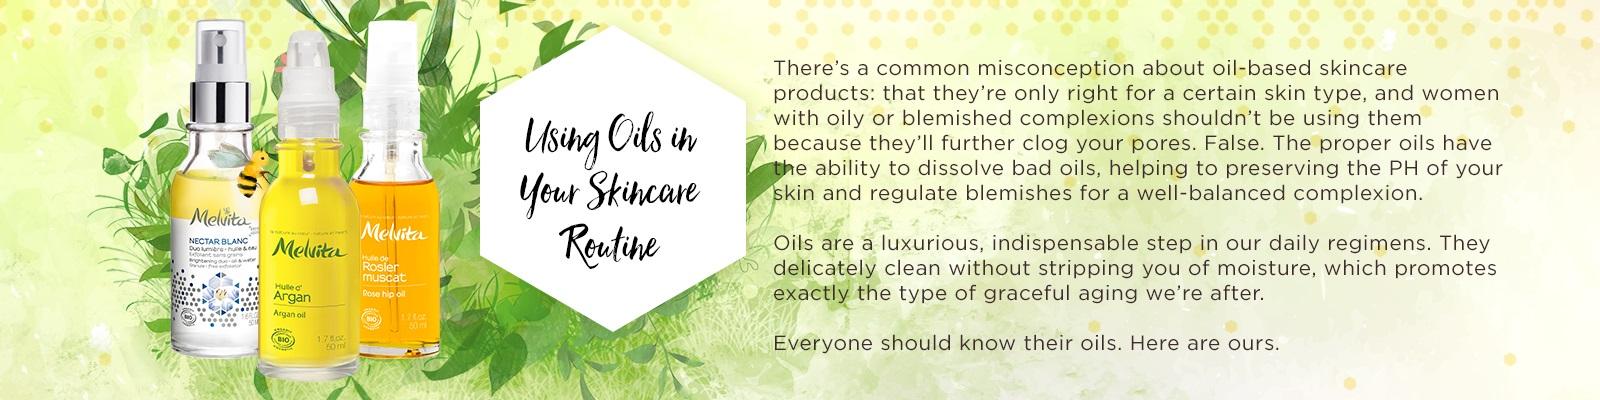 Melvita Beauty Oils 1